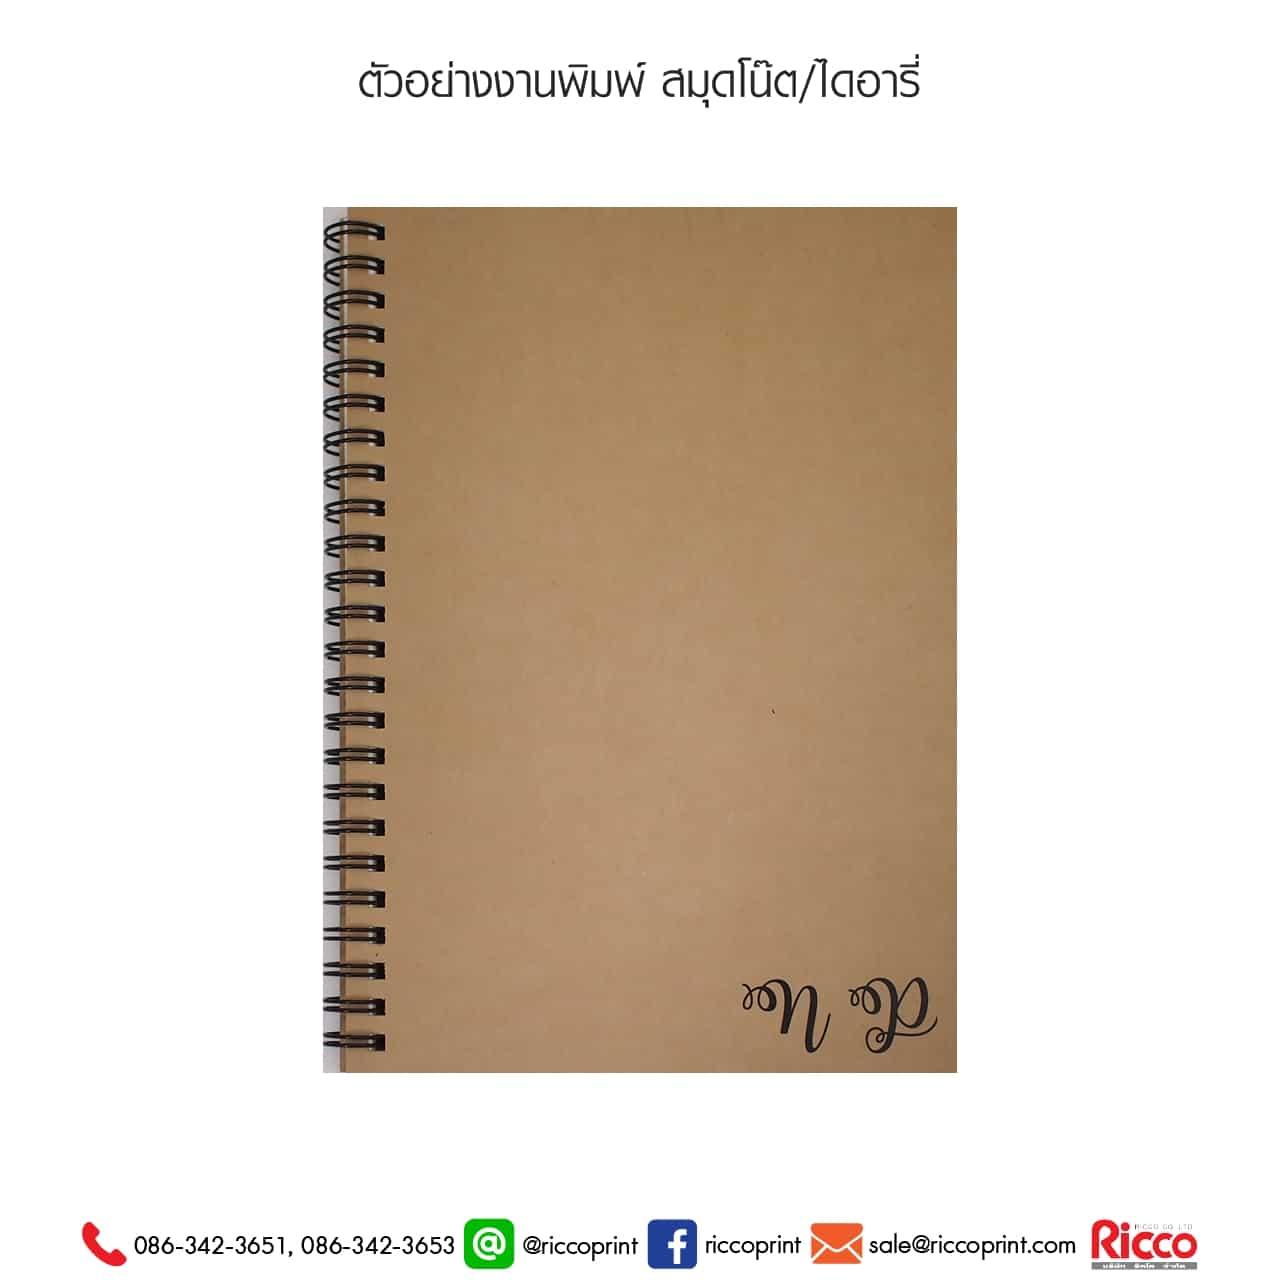 รูป Notebook Diary 13 - ประกอบเนื้อหา สมุดโน้ต ไดอารี่